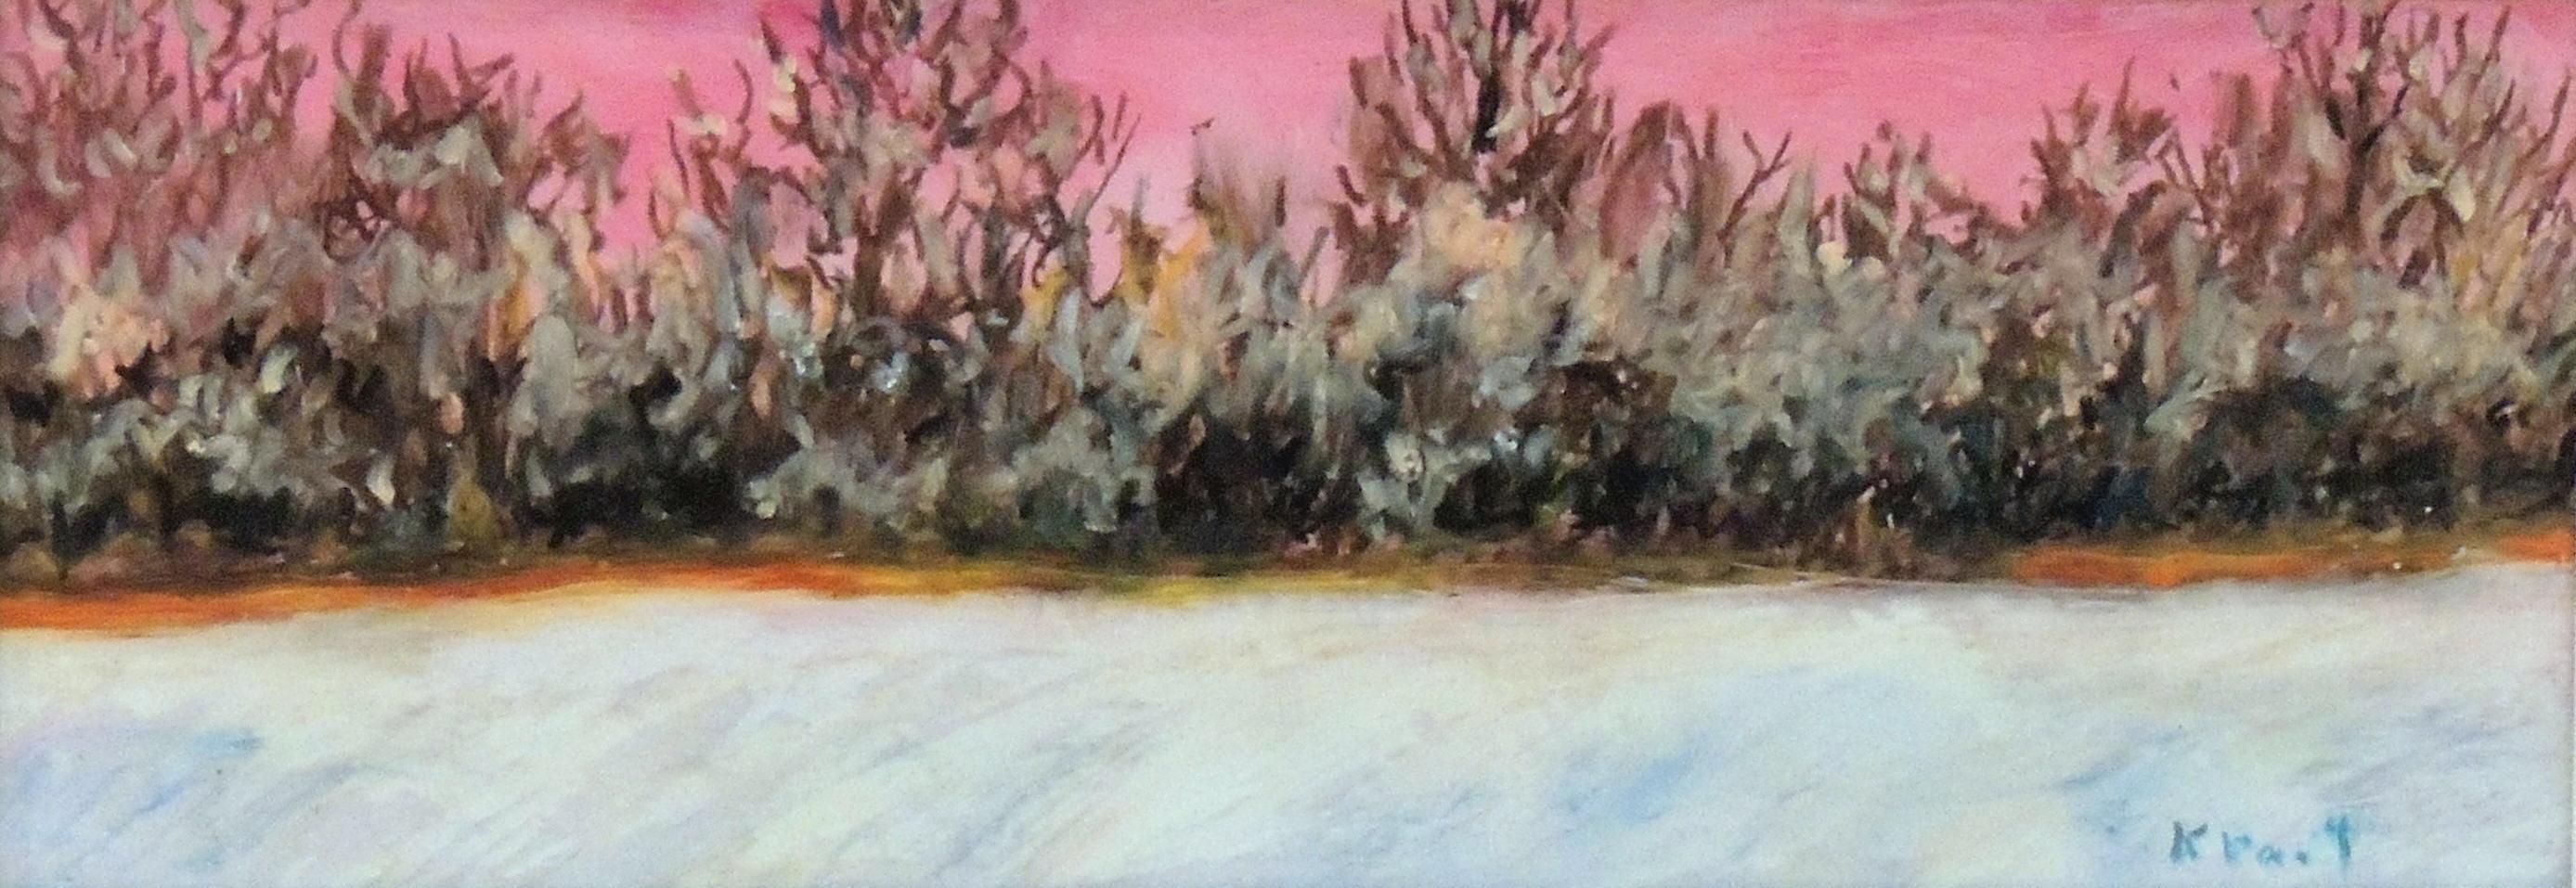 Kyna Paul | LAST SNOW | Oil pastel